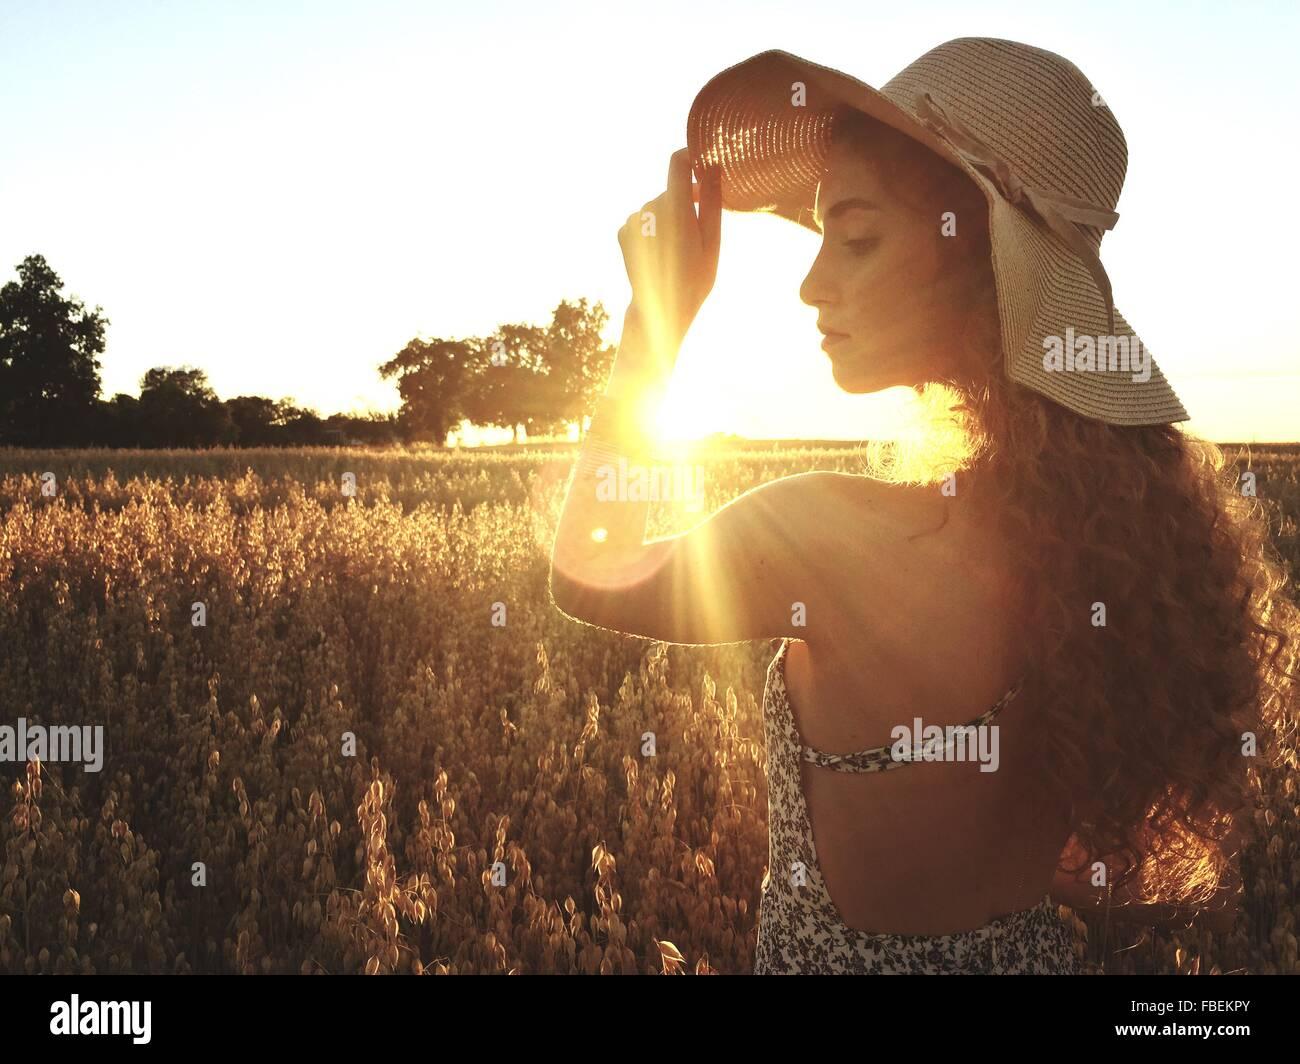 Bella donna in piedi sul campo contro il cielo chiaro durante il tramonto Immagini Stock